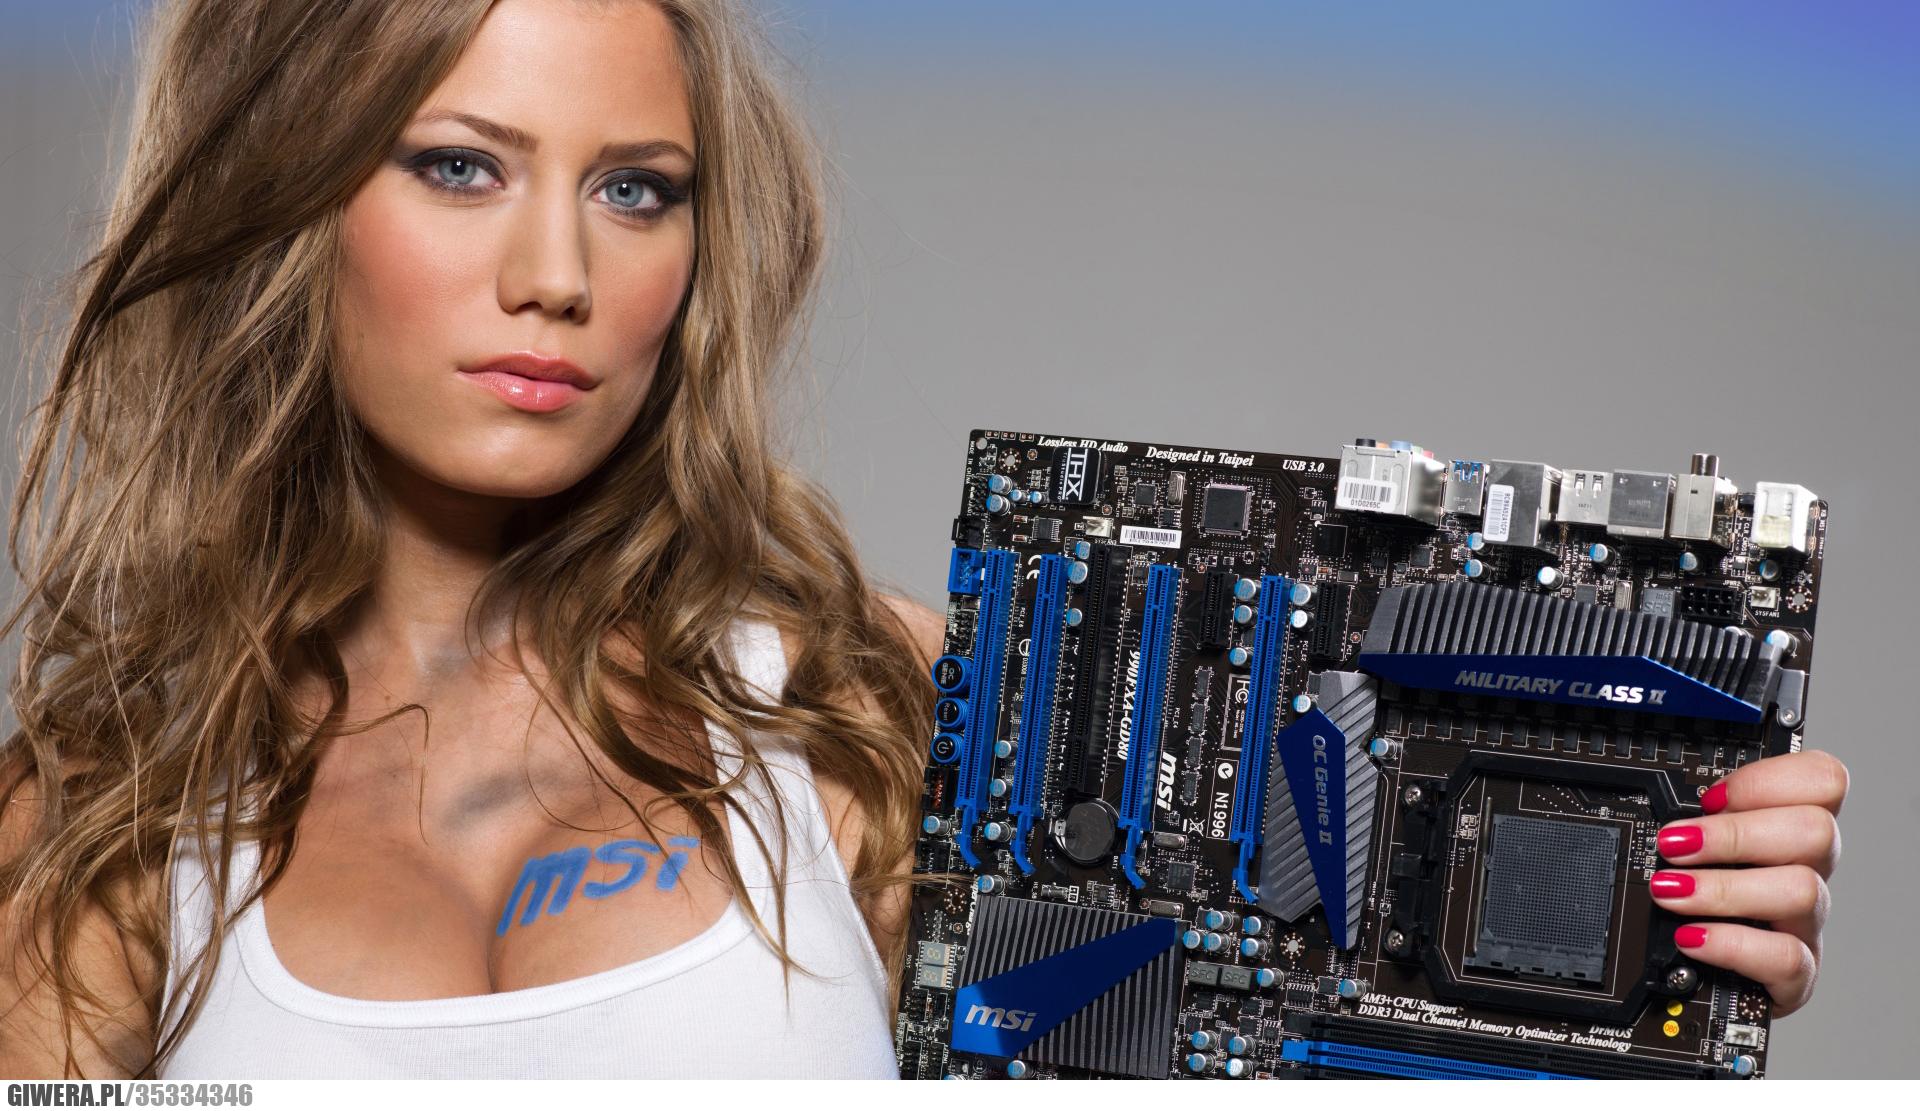 Обои Девушки Компьютер